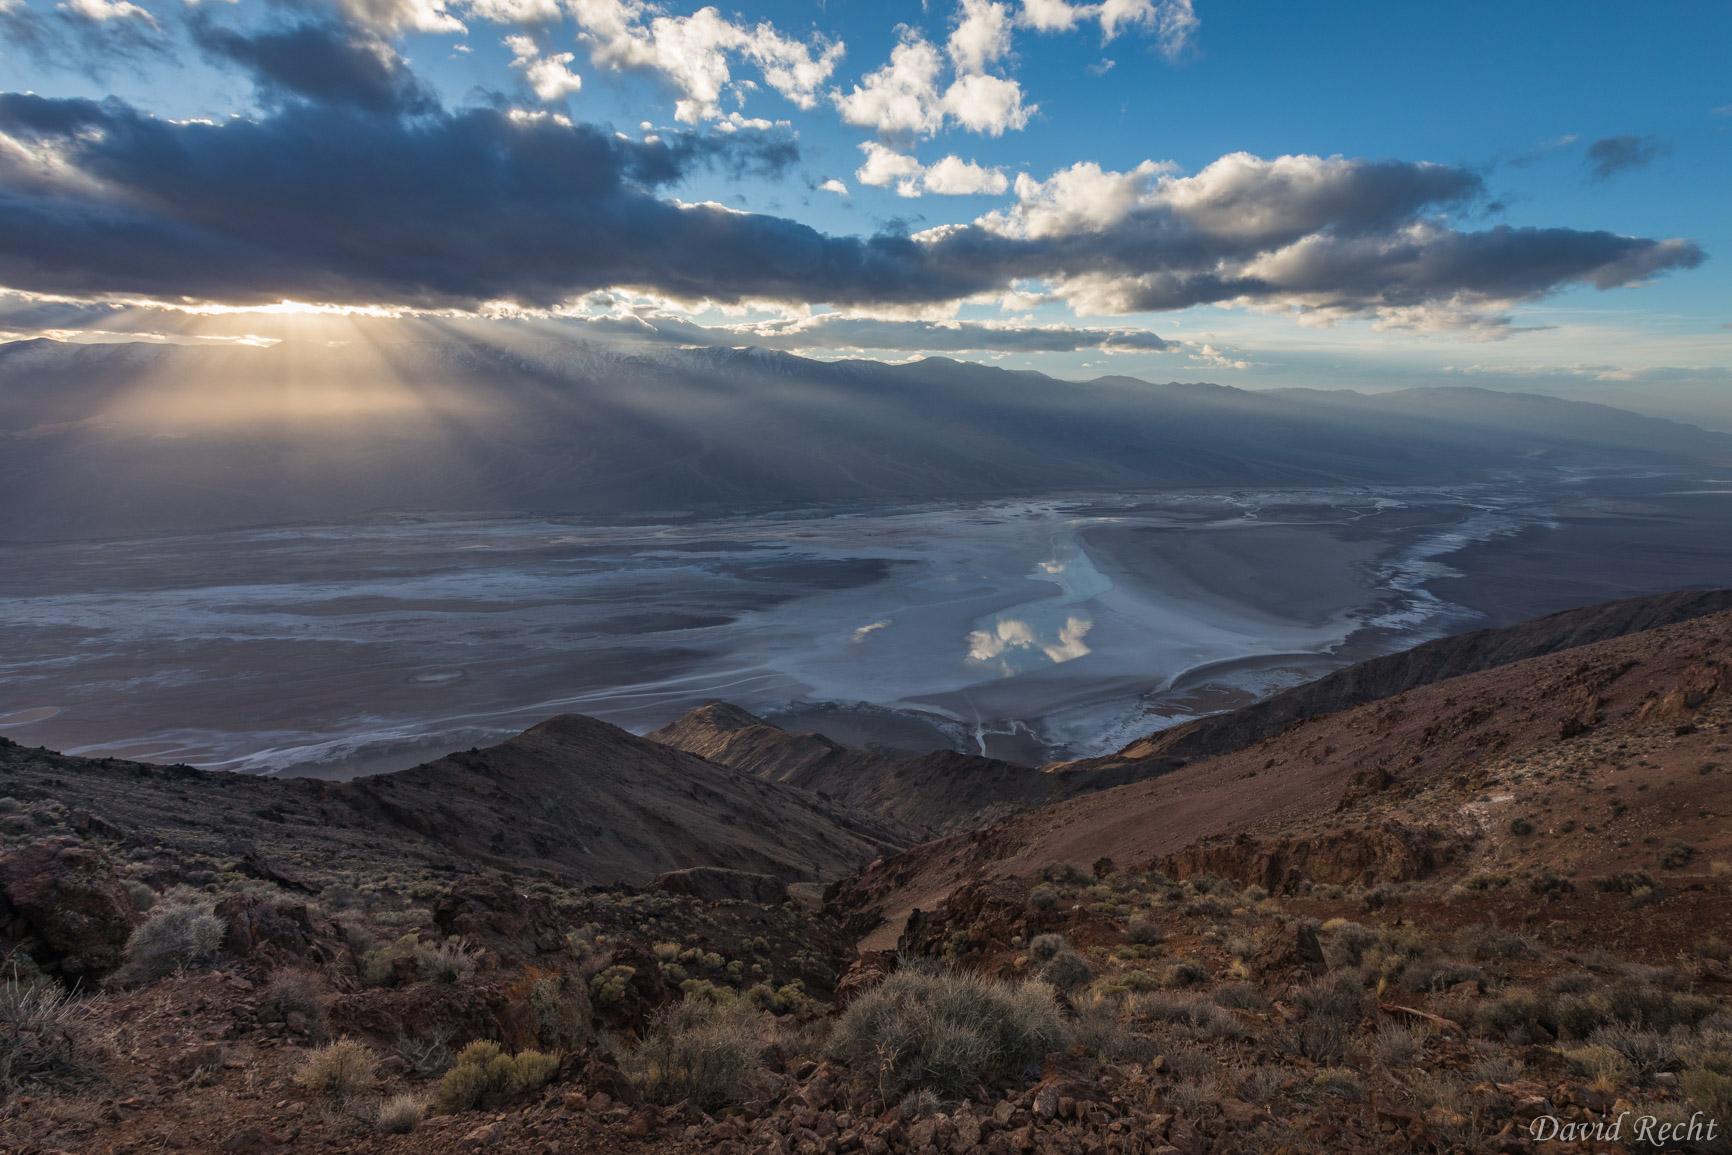 Dante's View